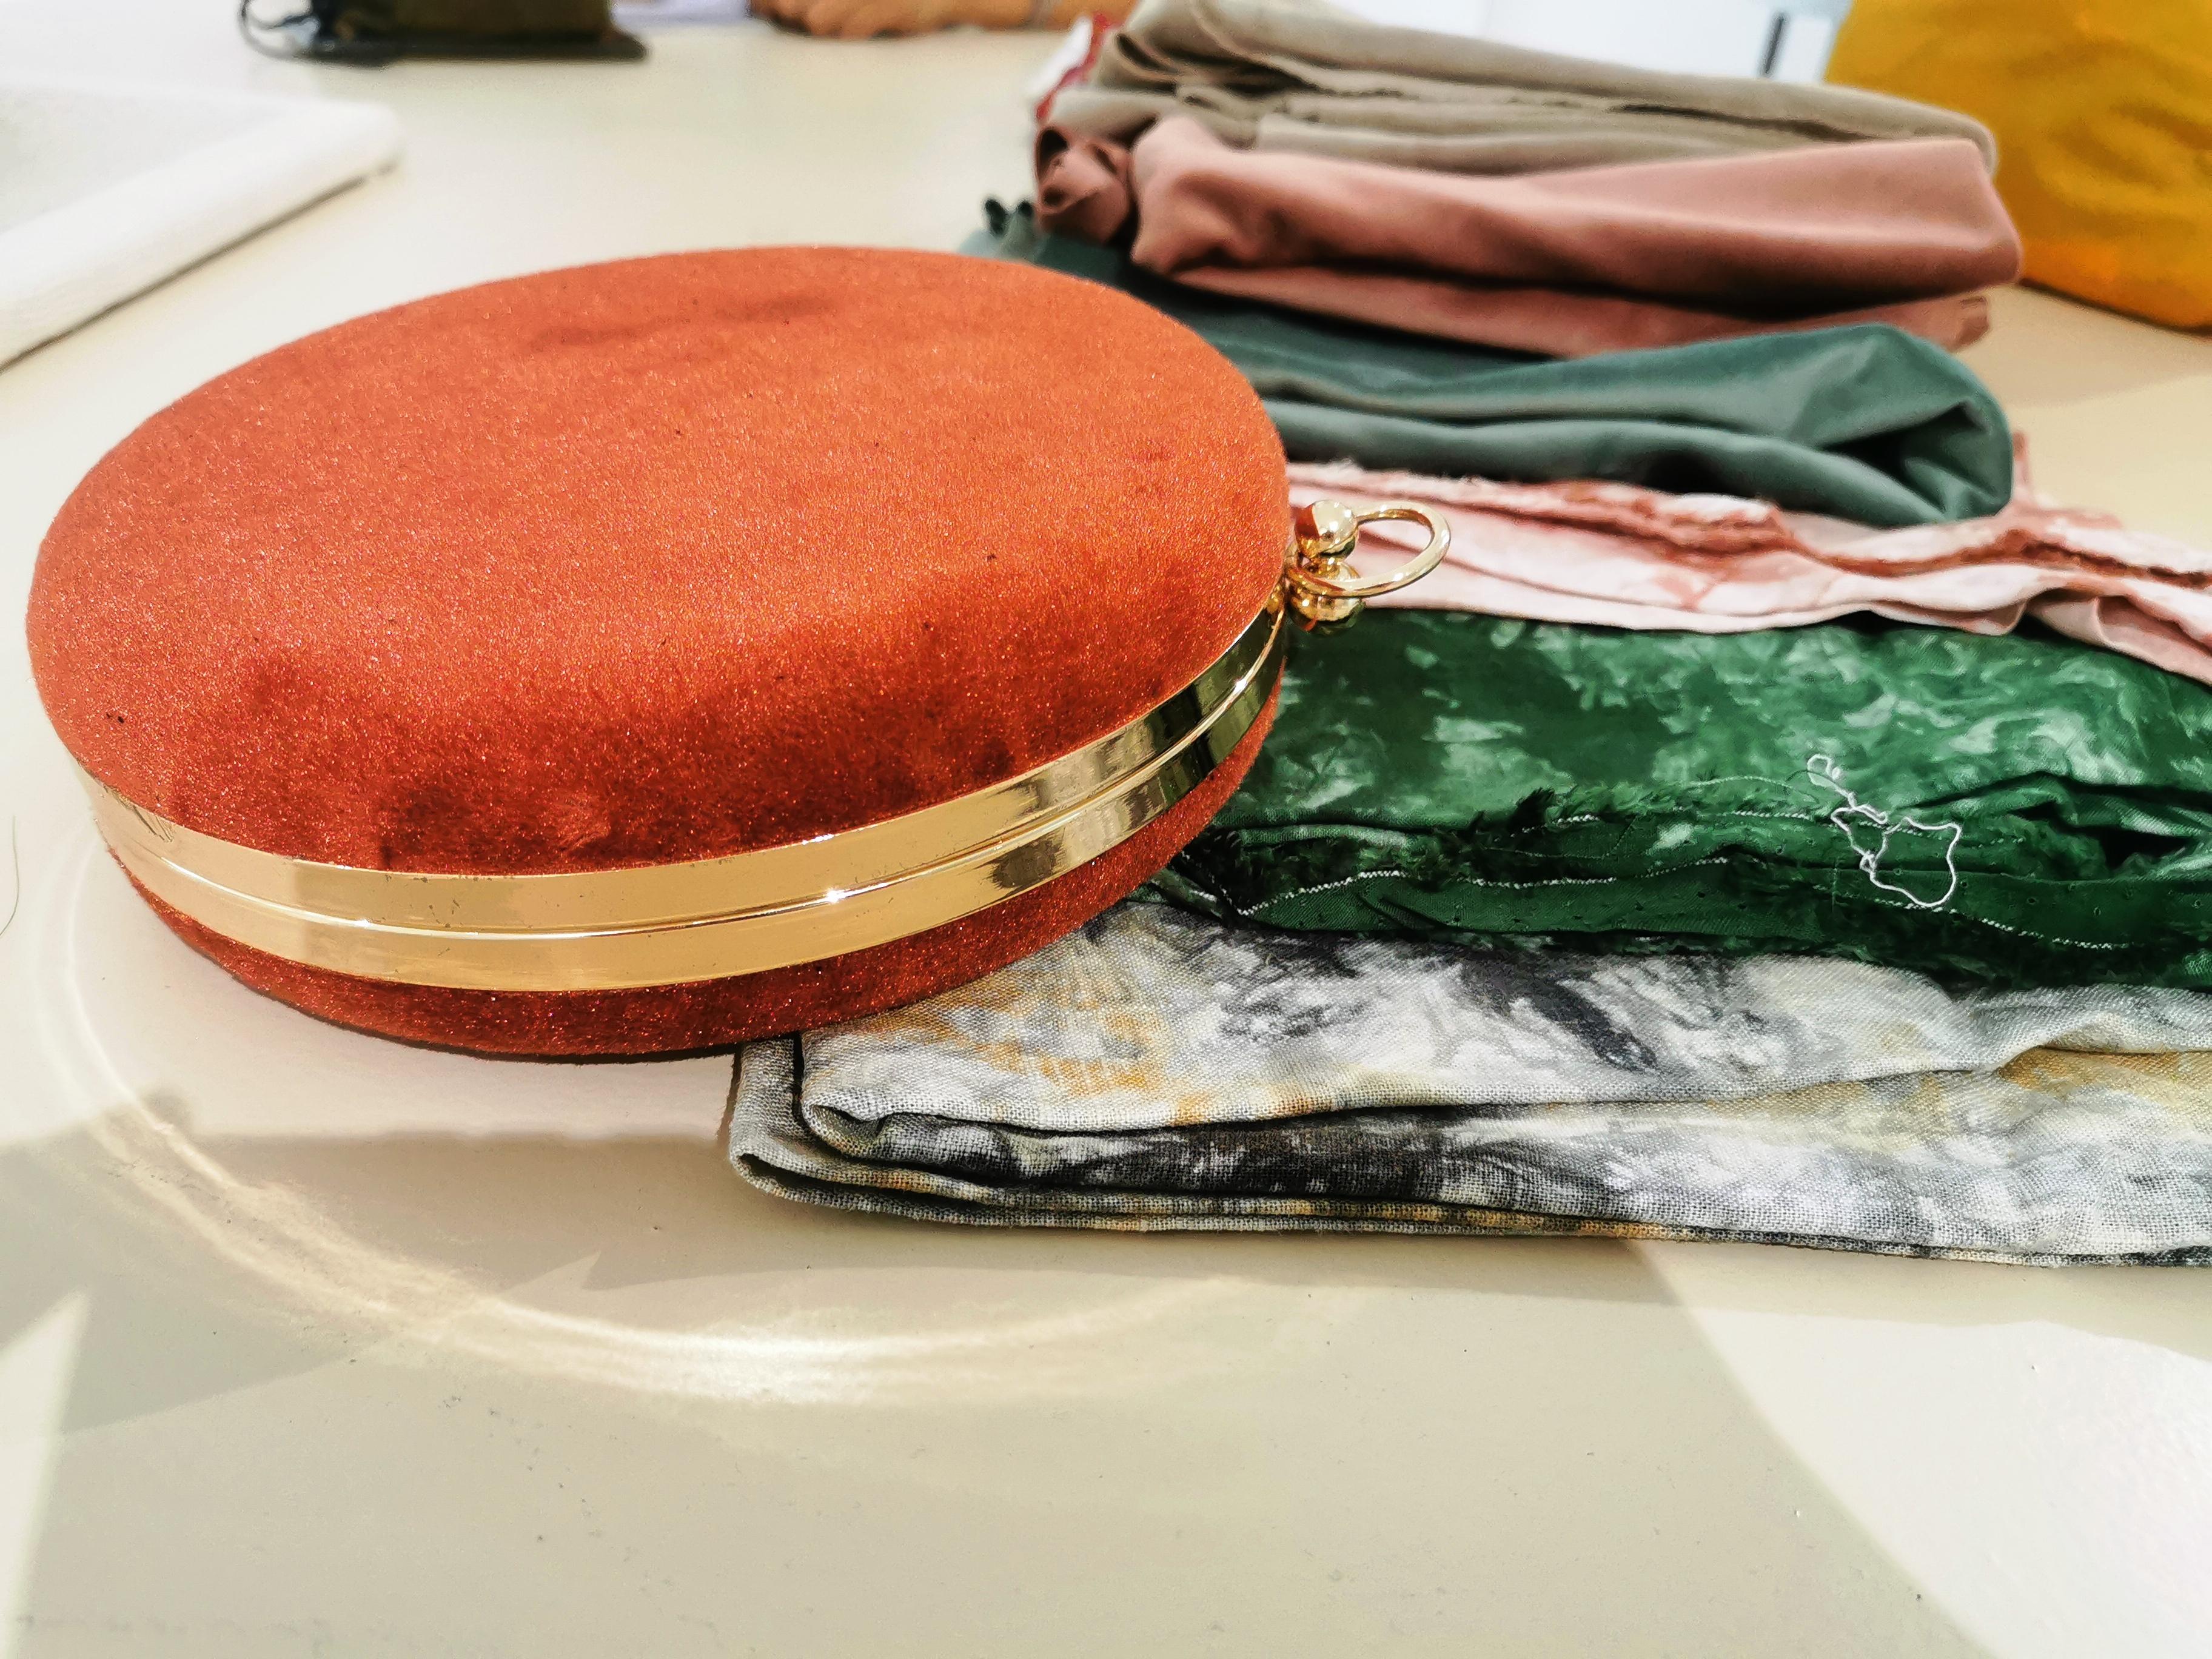 精致手提包手作也是Herohand蛮受欢迎的课程之一。-杨琇媖摄-